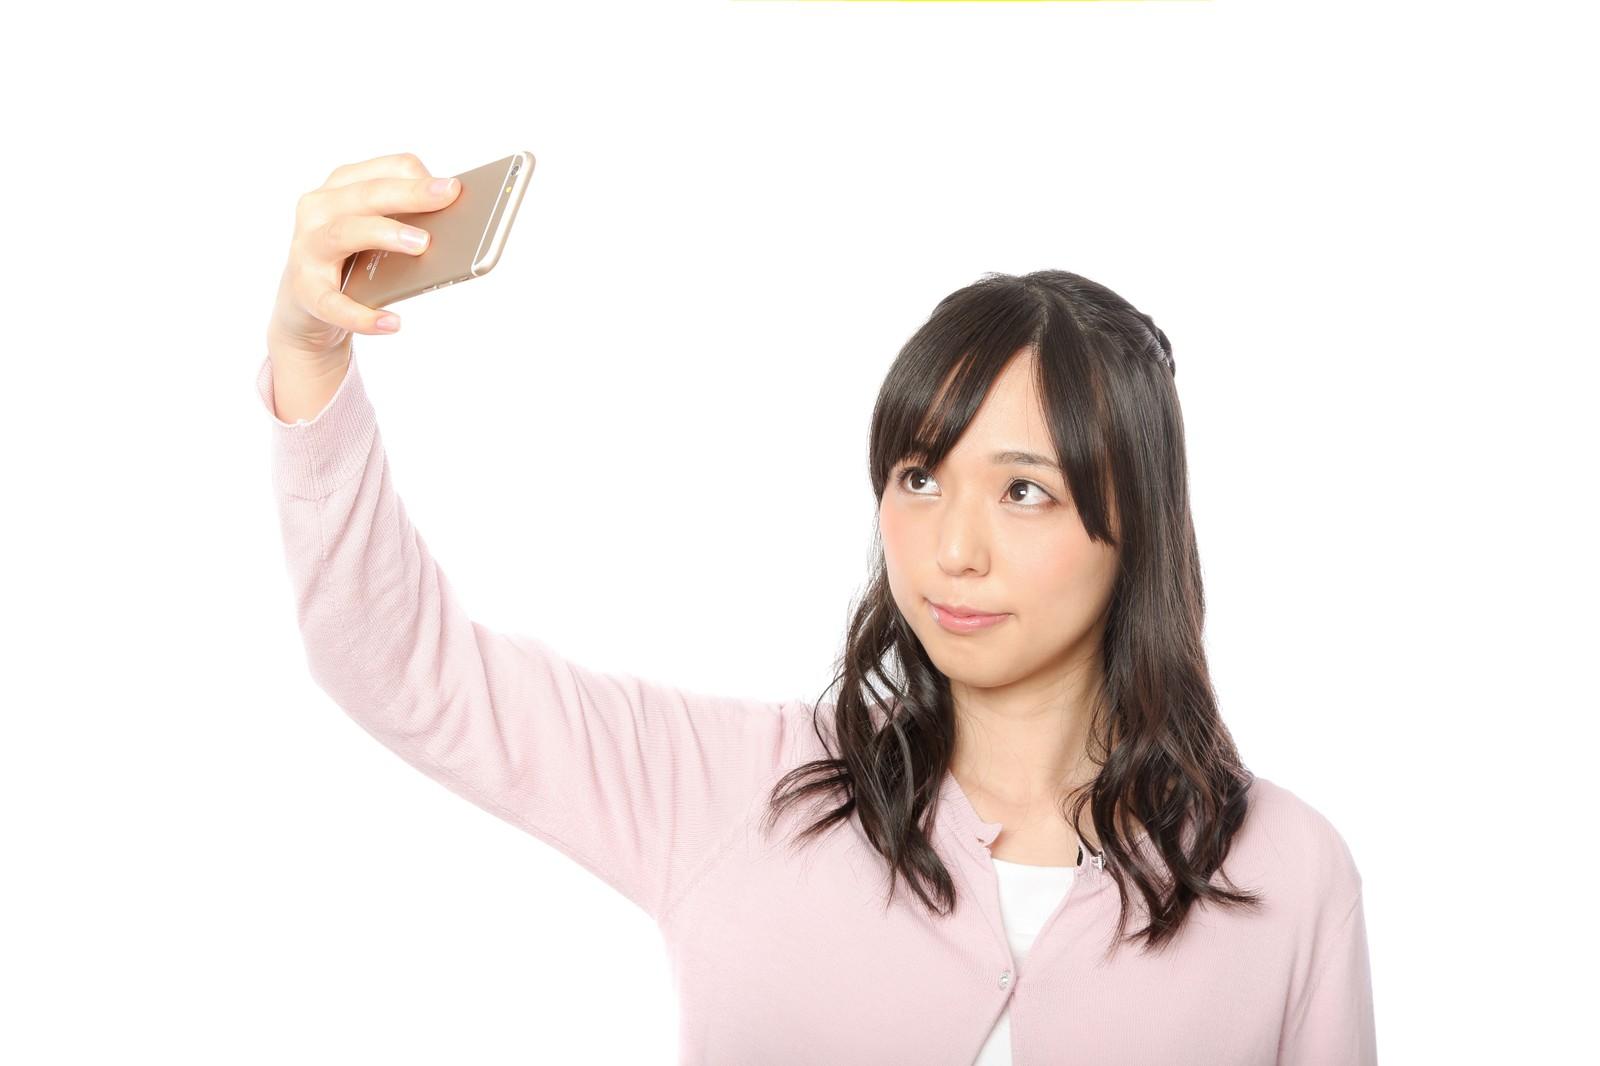 尾関梨香 自撮り 画像